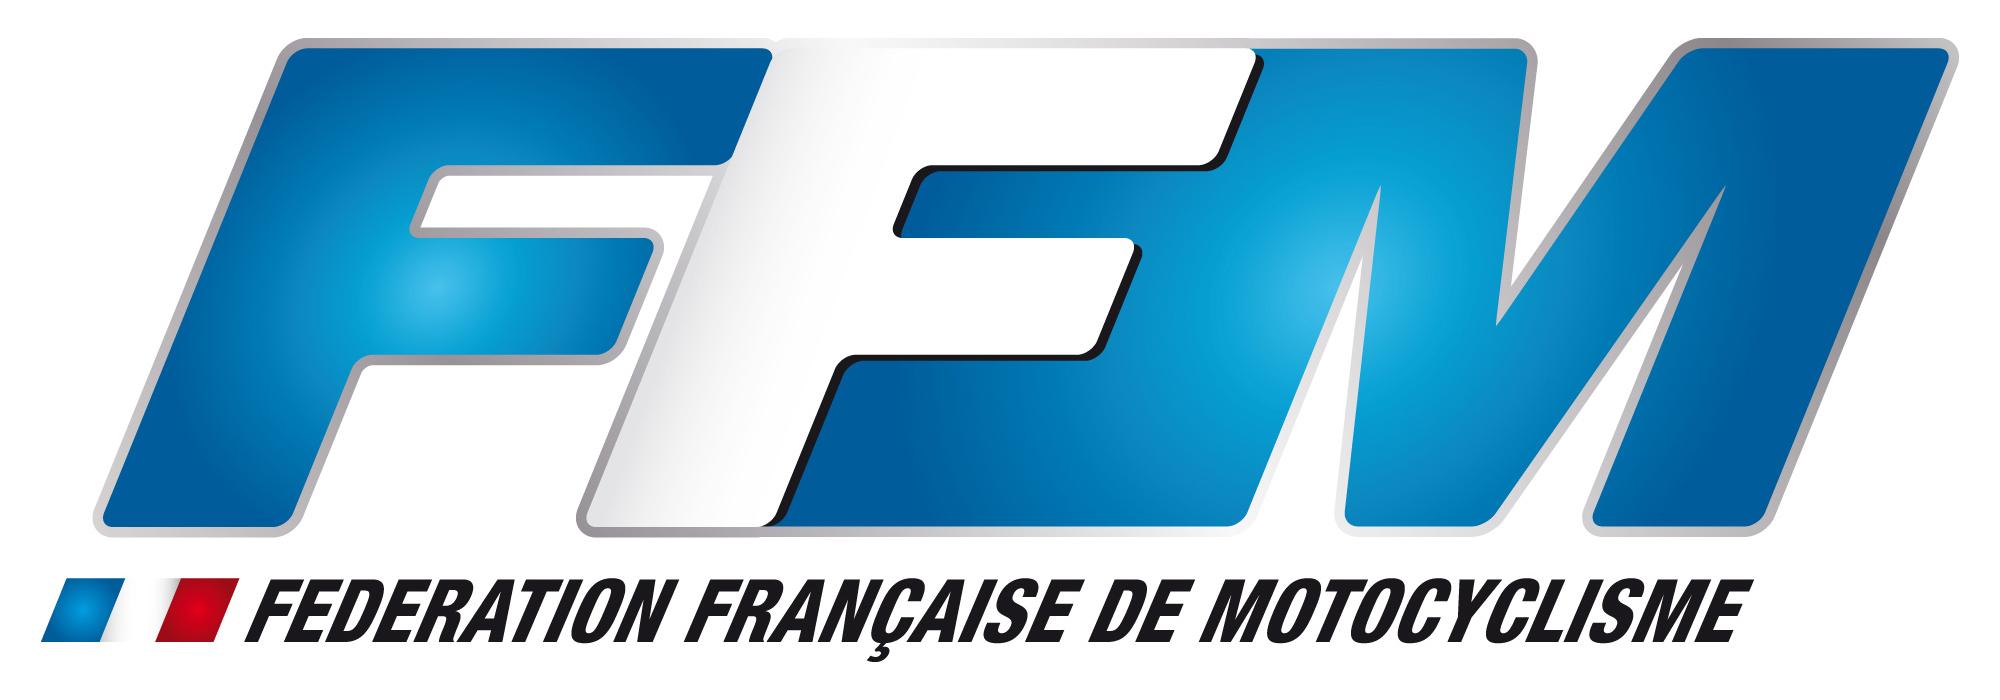 ffm-logo-2.jpg